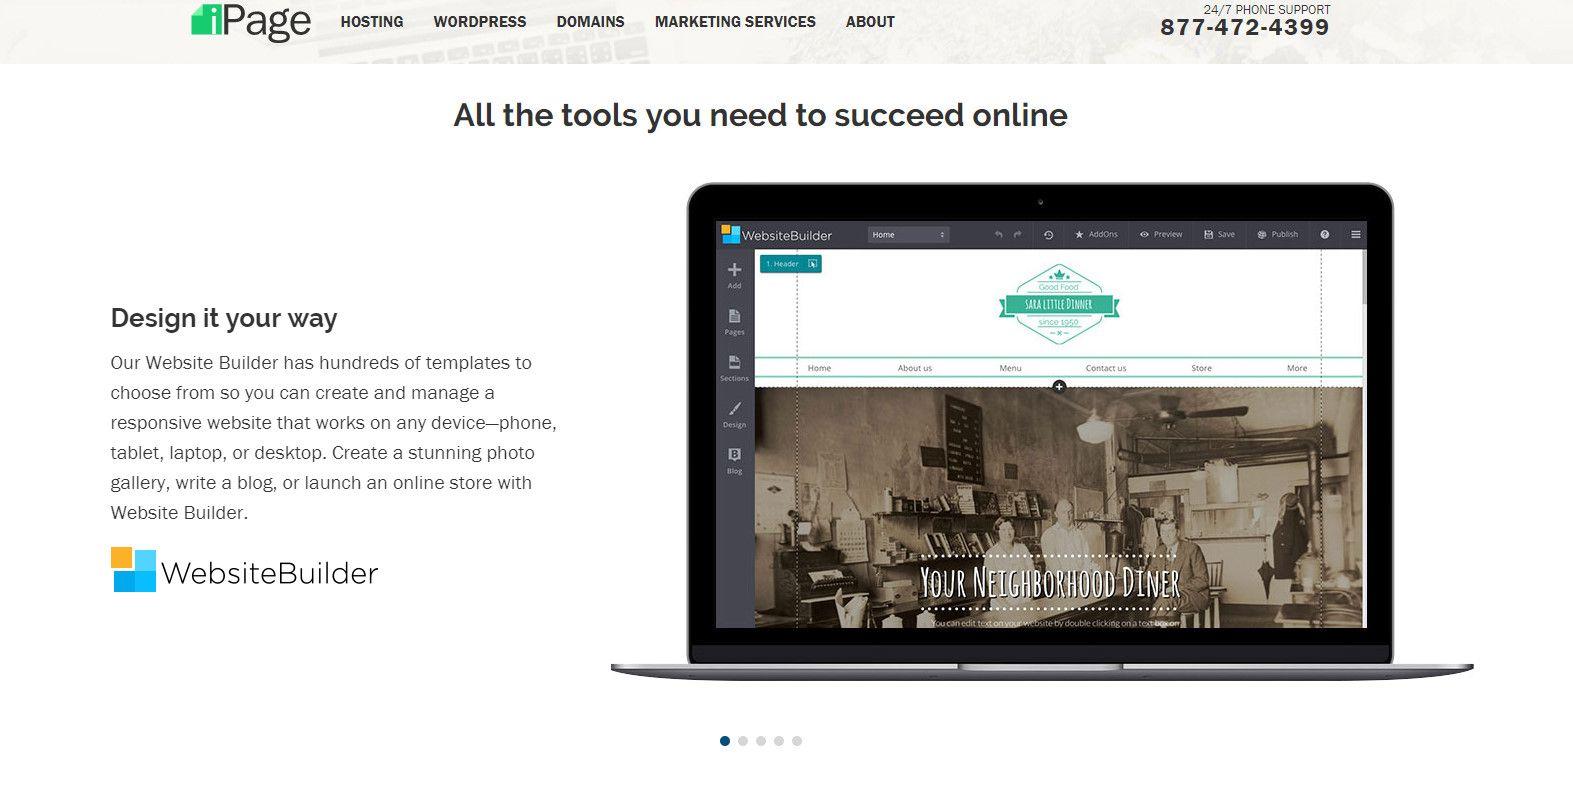 Die 46 besten Website-Baukästen nach Beliebtheit sortiert